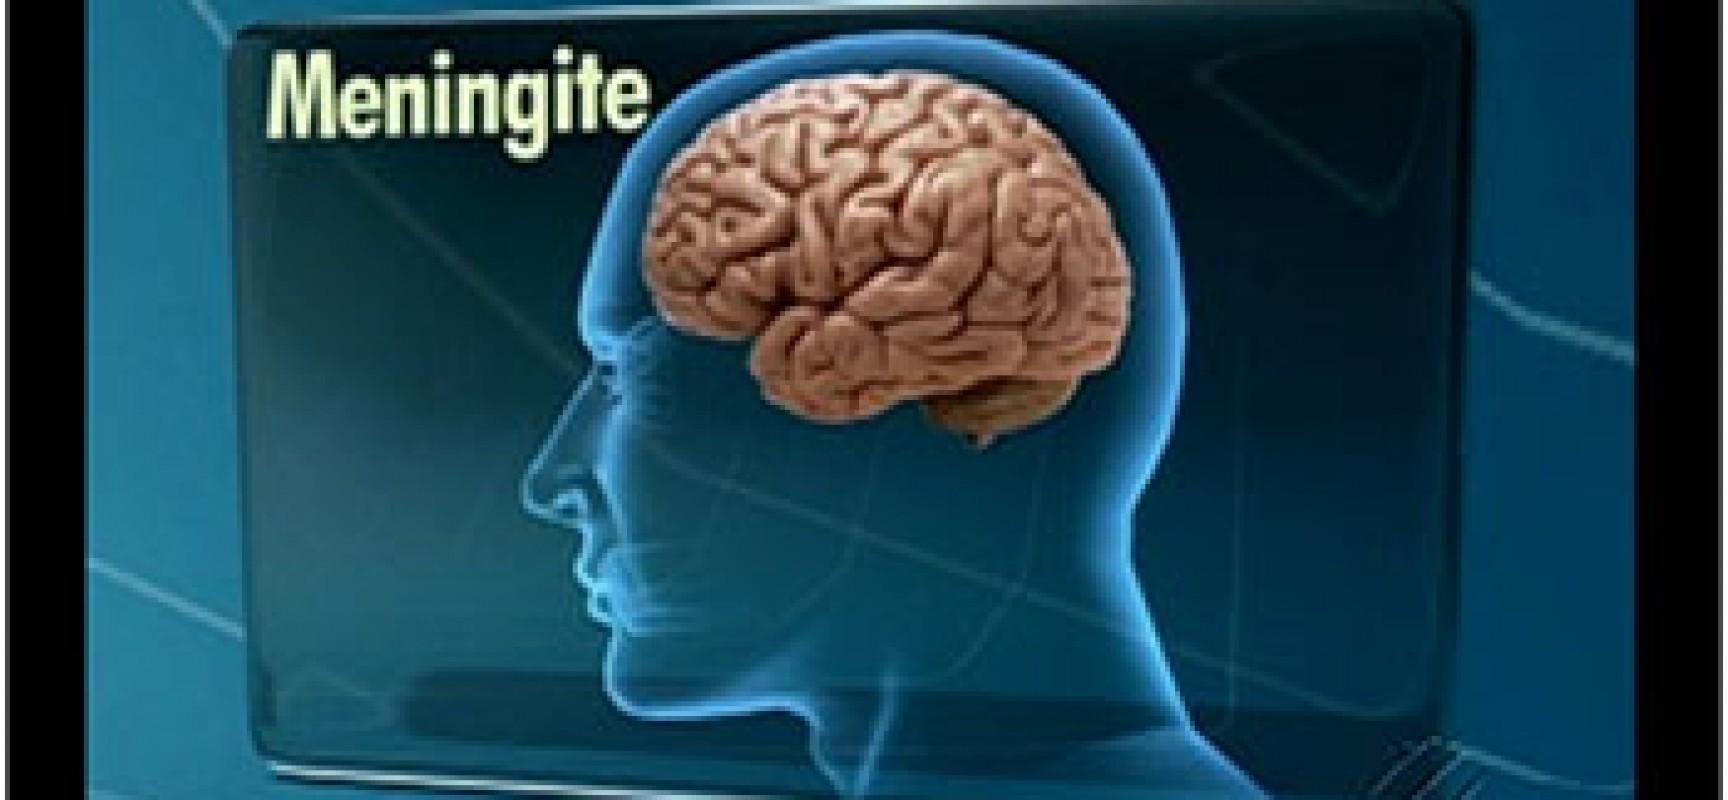 Cona: potrebbe essere meningite, ma il pd nasconde la verità..